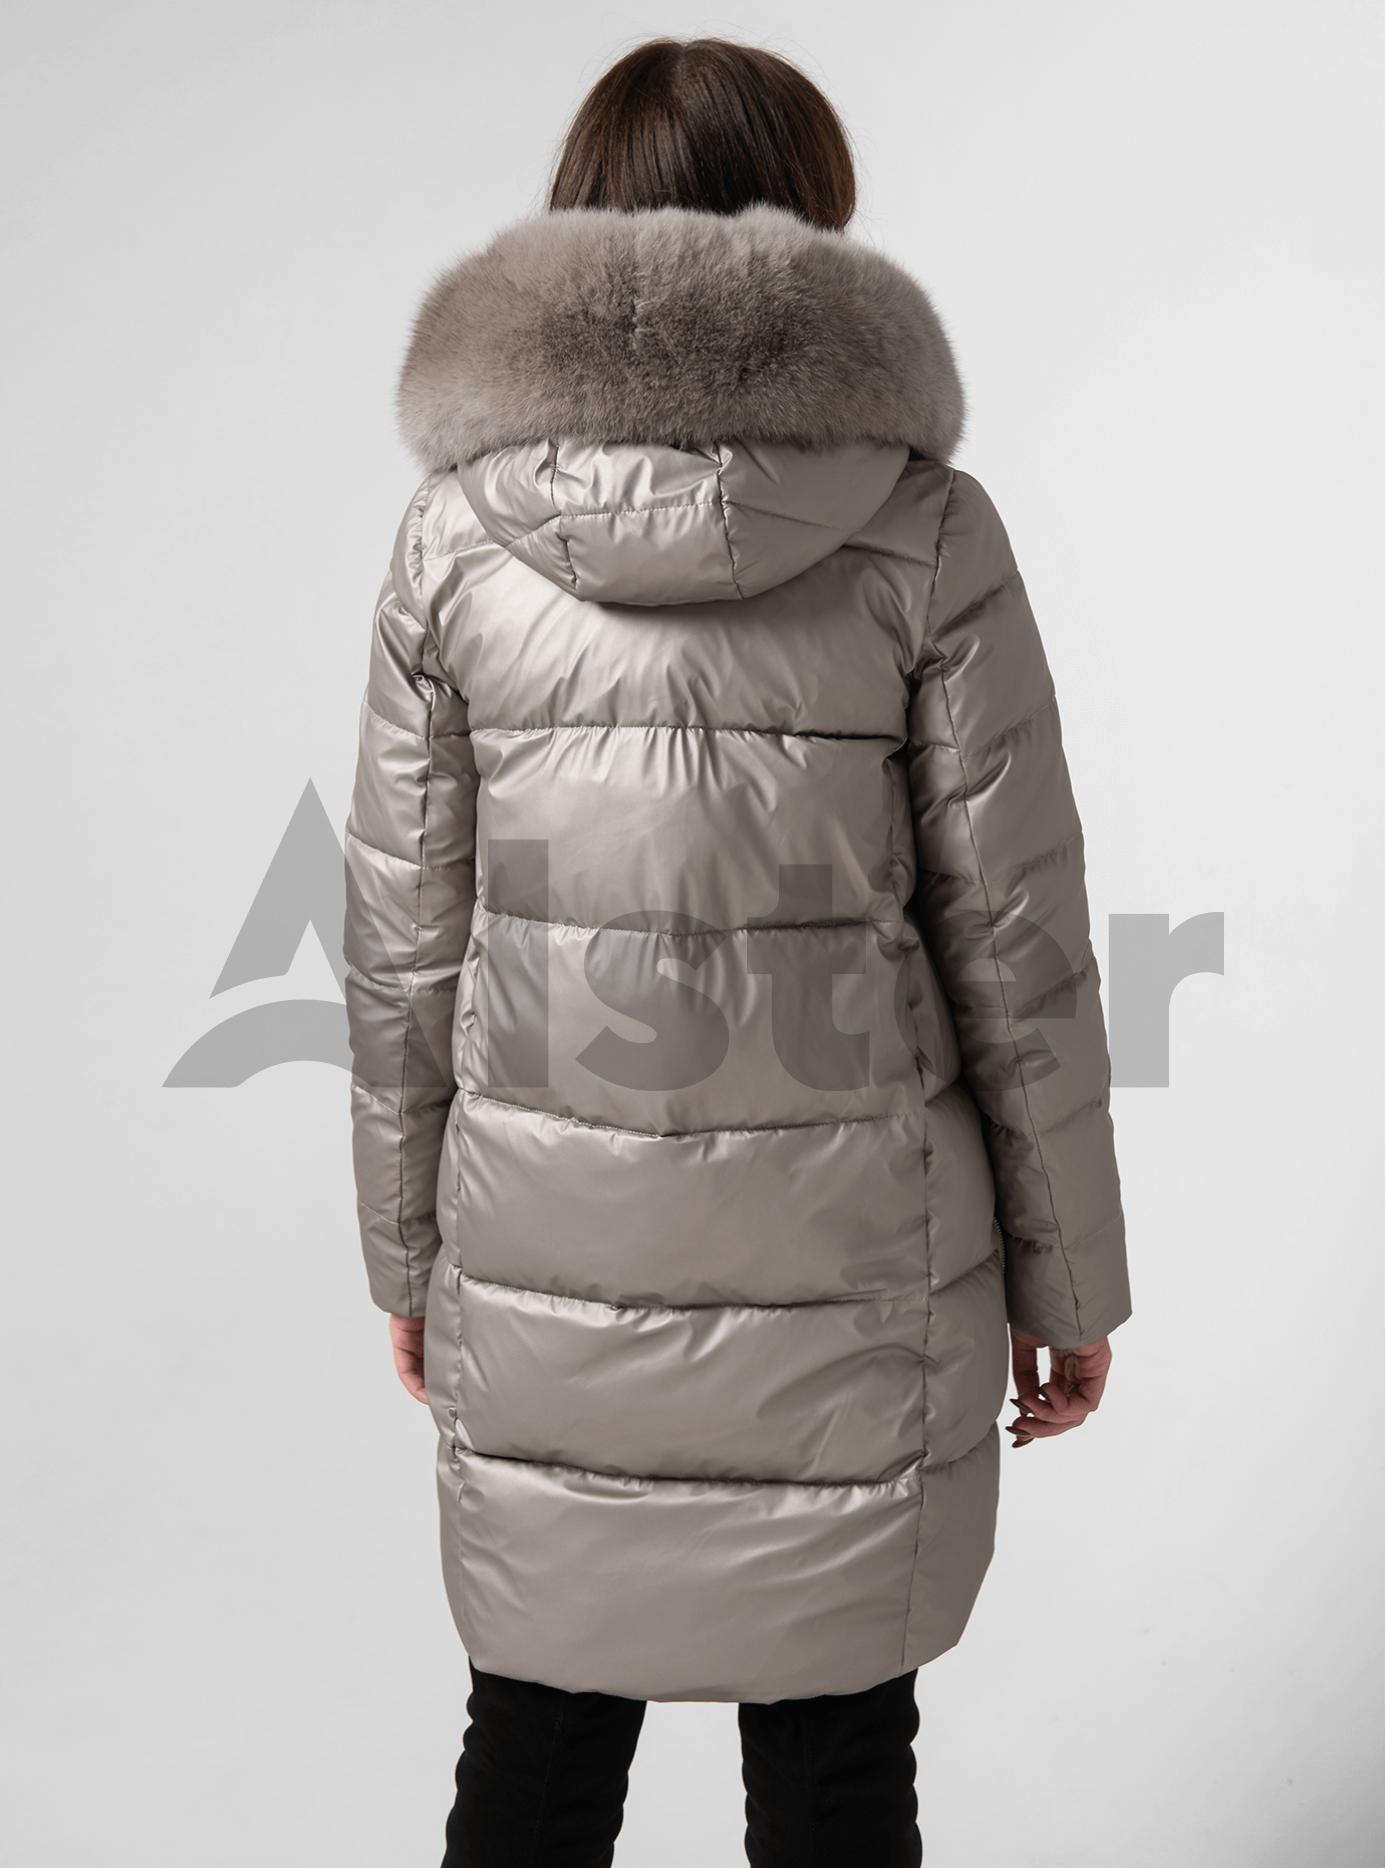 Куртка зимова пряма з натуральним хутром єнота Бежевий 2XL (05-ZL2080): фото - Alster.ua